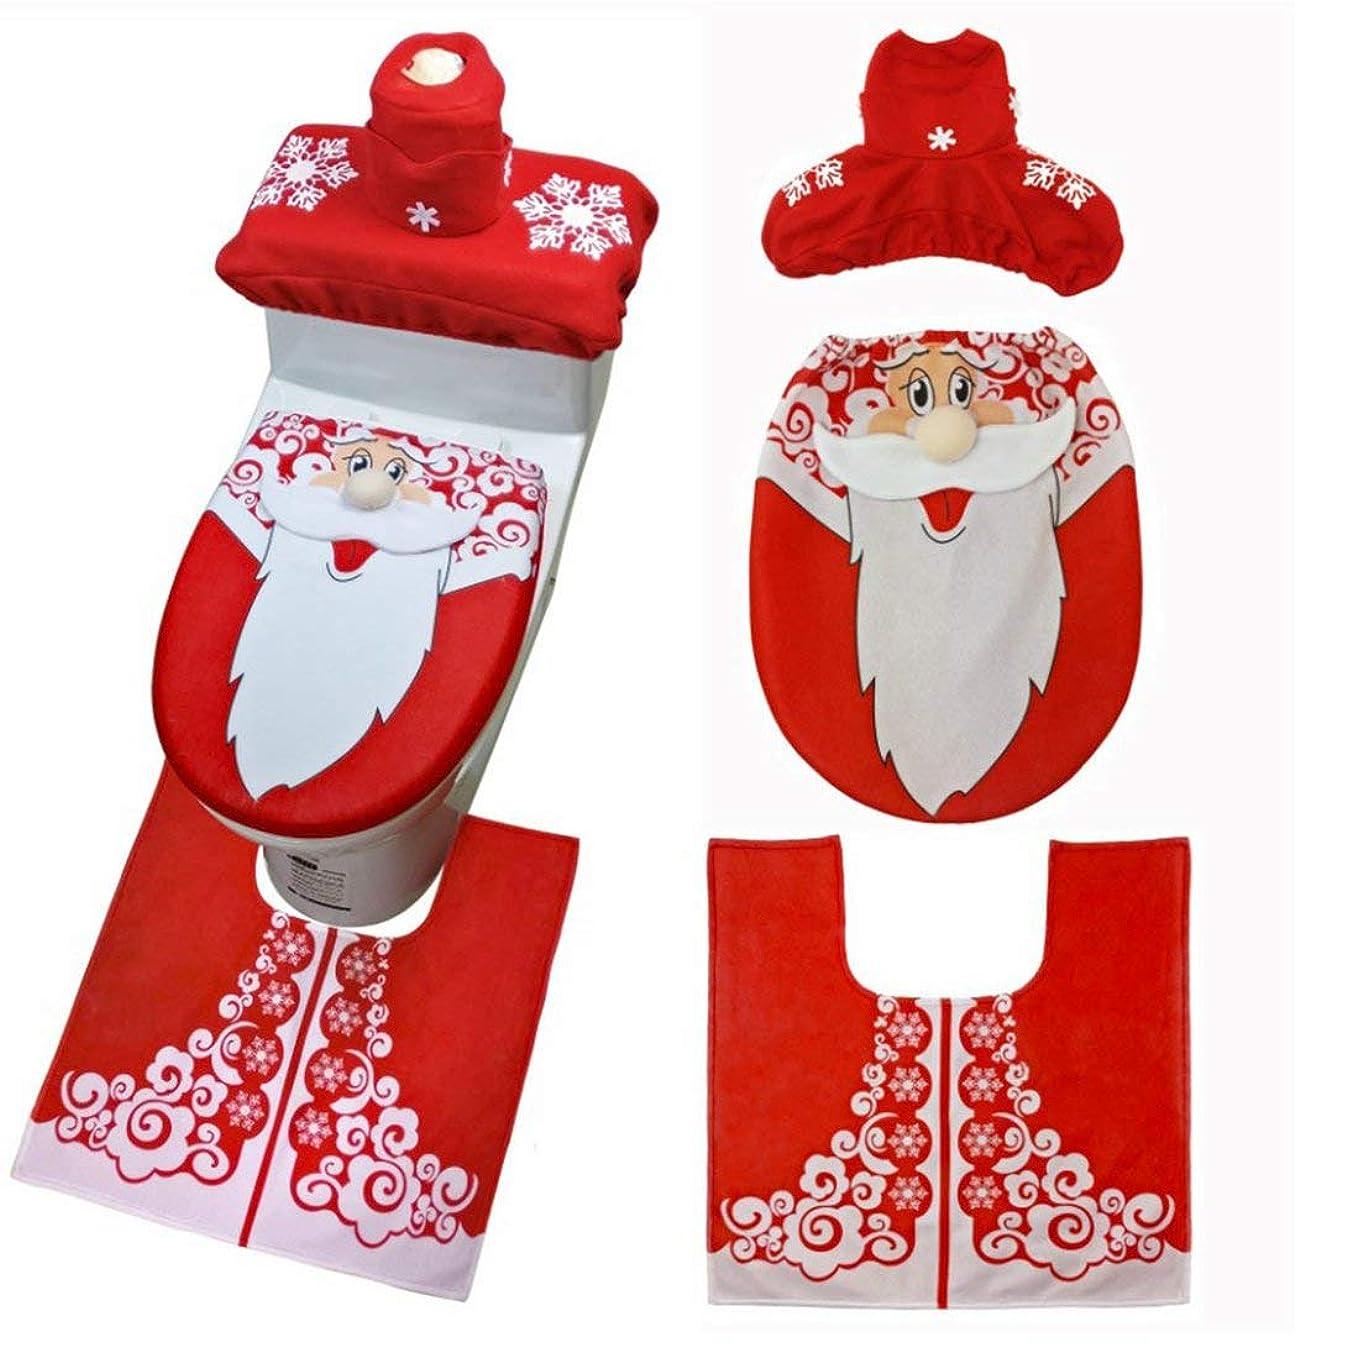 入り口賛美歌衛星Swiftgood 3ピースクリスマストイレシート&カバーサンタクロースバスルームマットクリスマスかわいい装飾